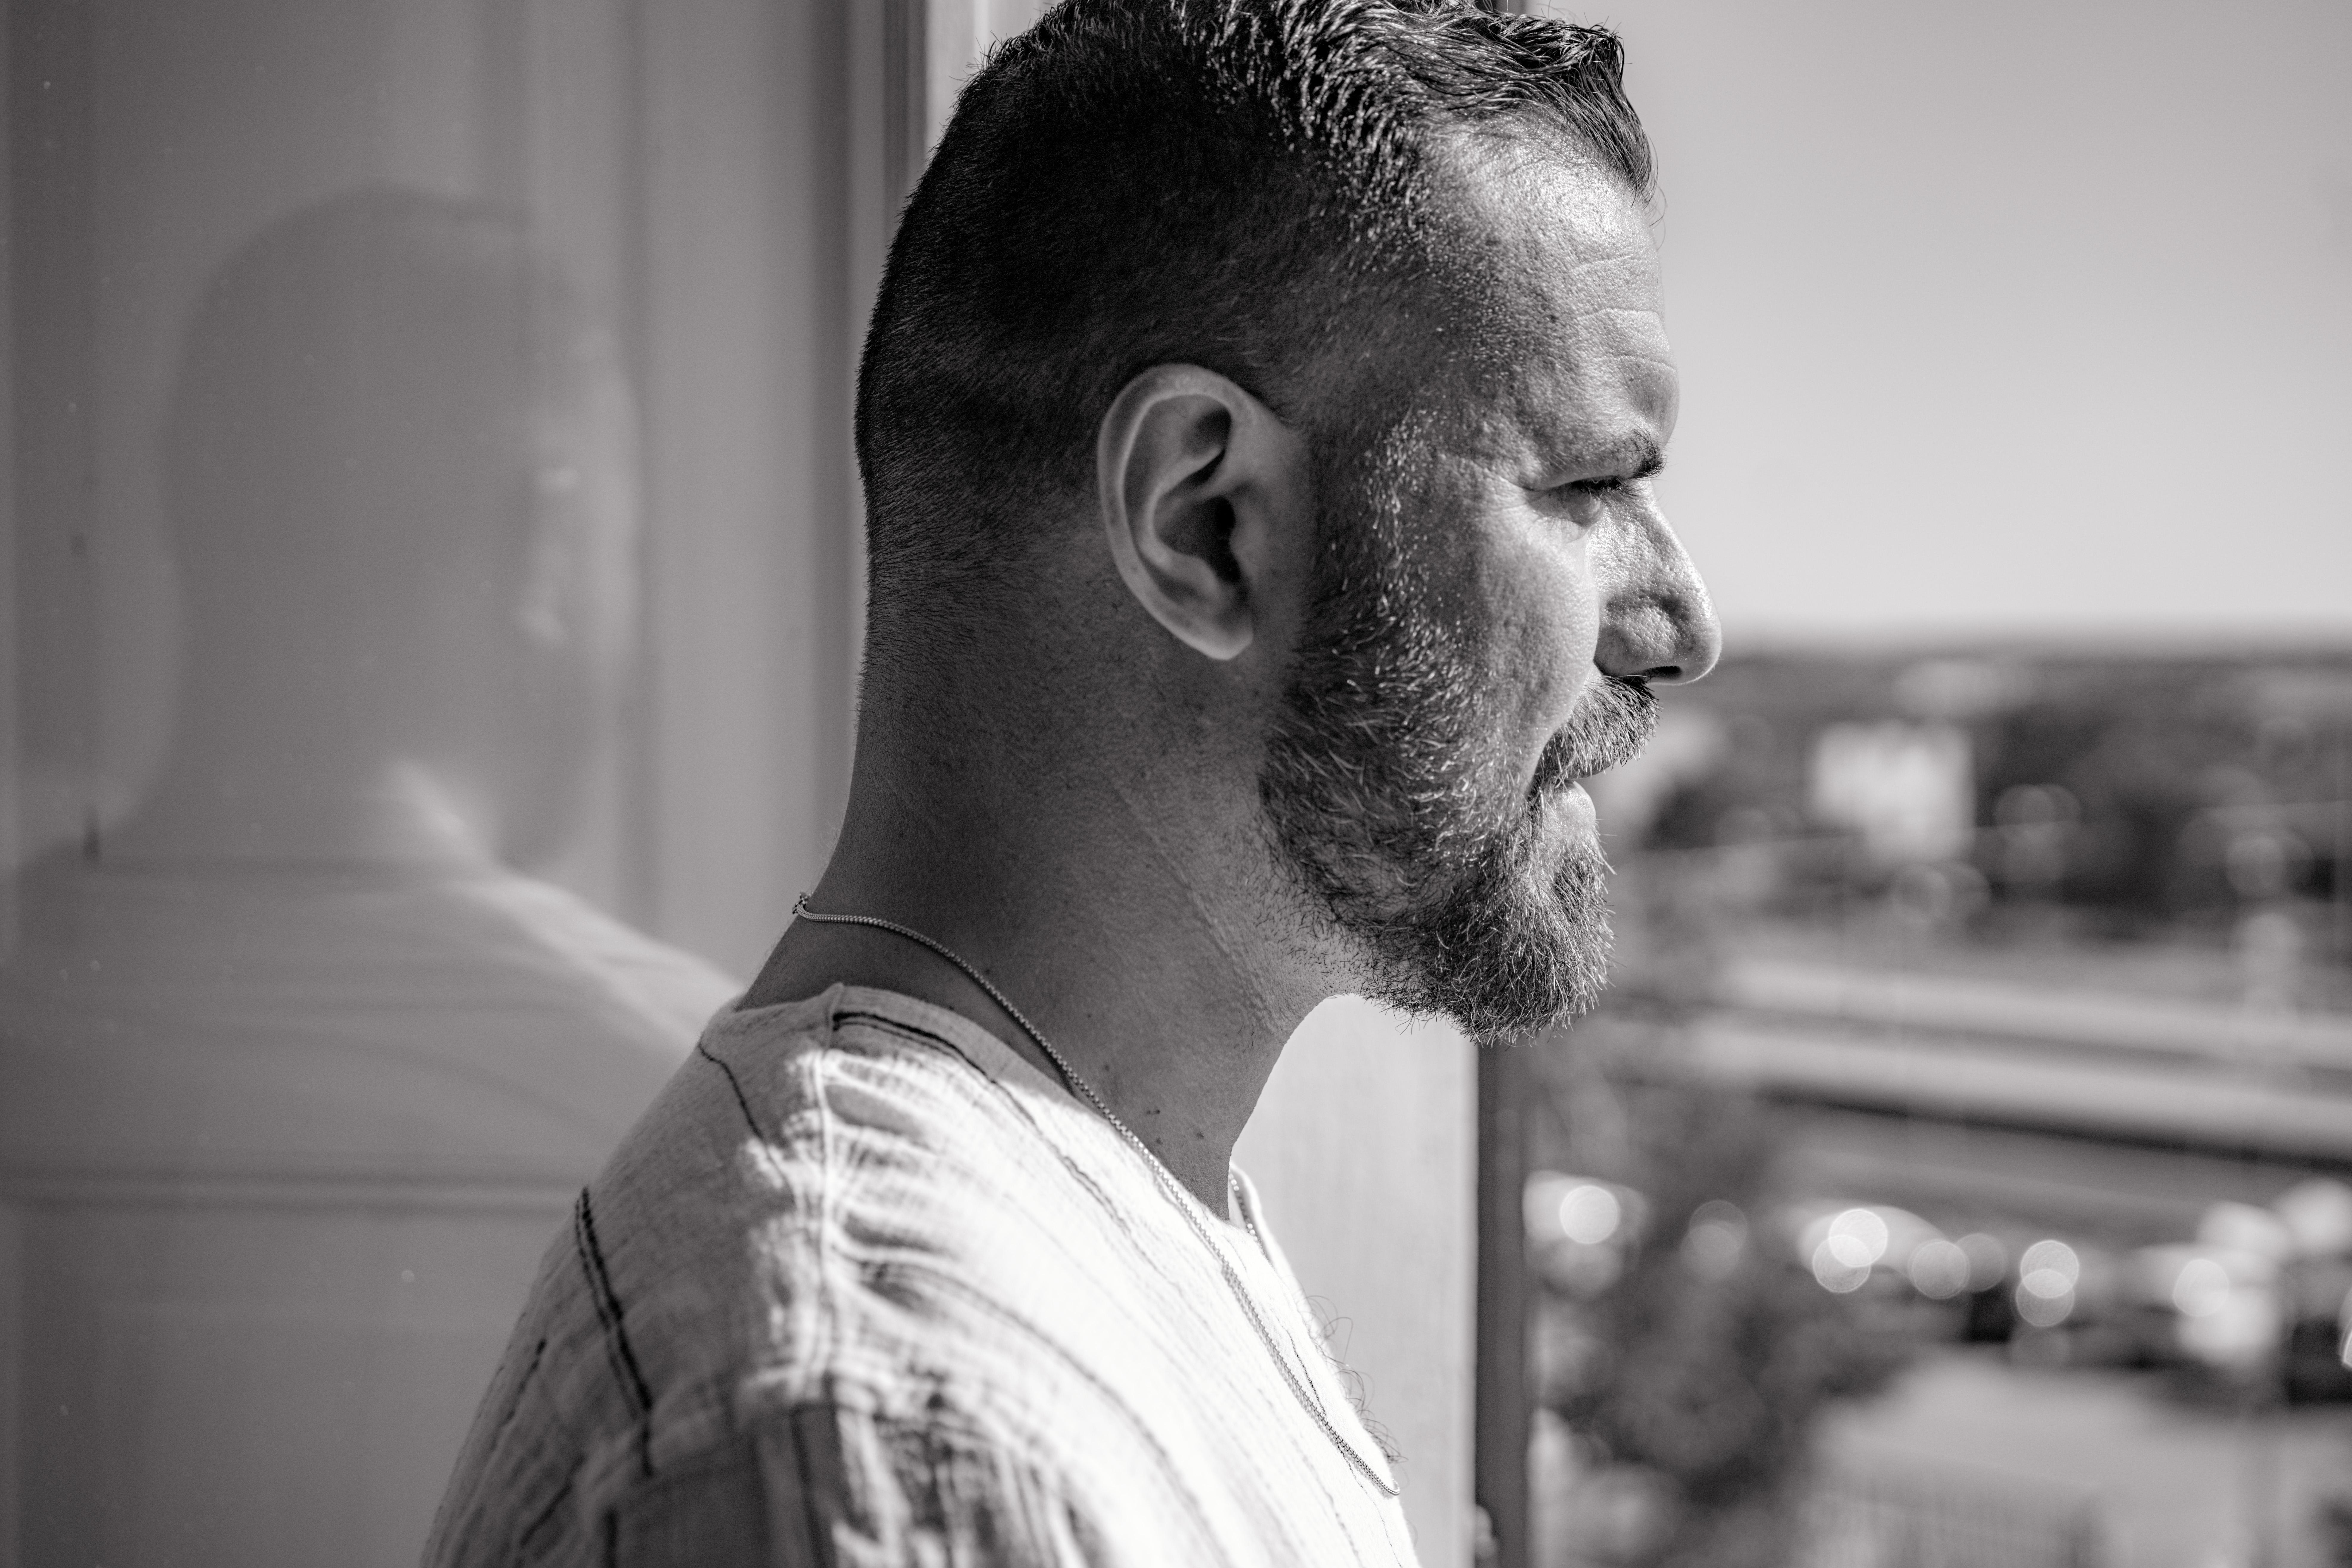 ritratto_04262_1